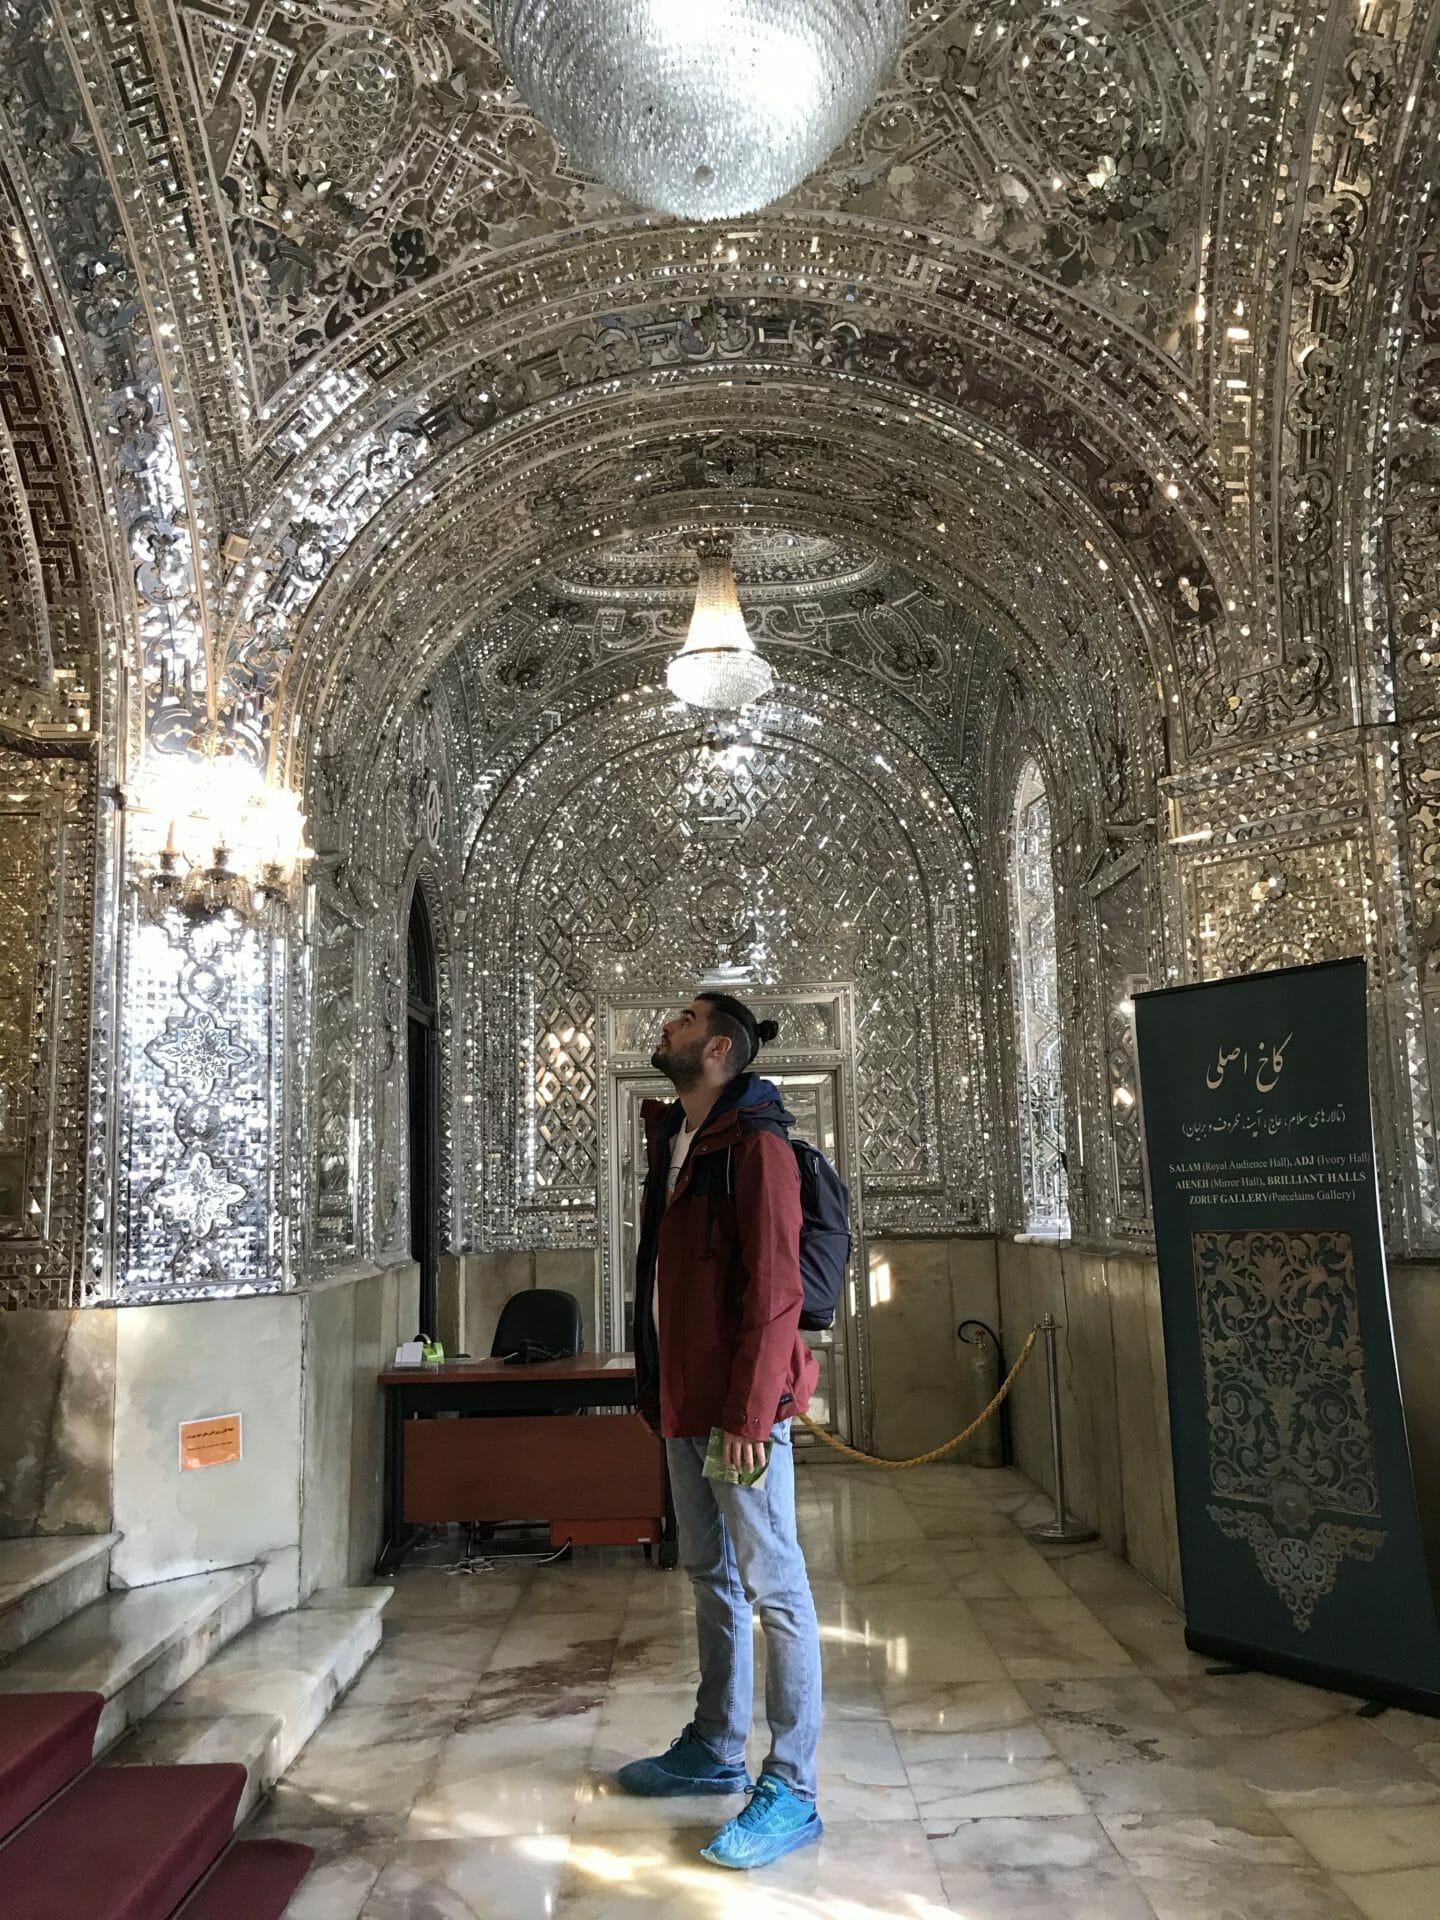 Sala de los espejos, Palacio de Golestan